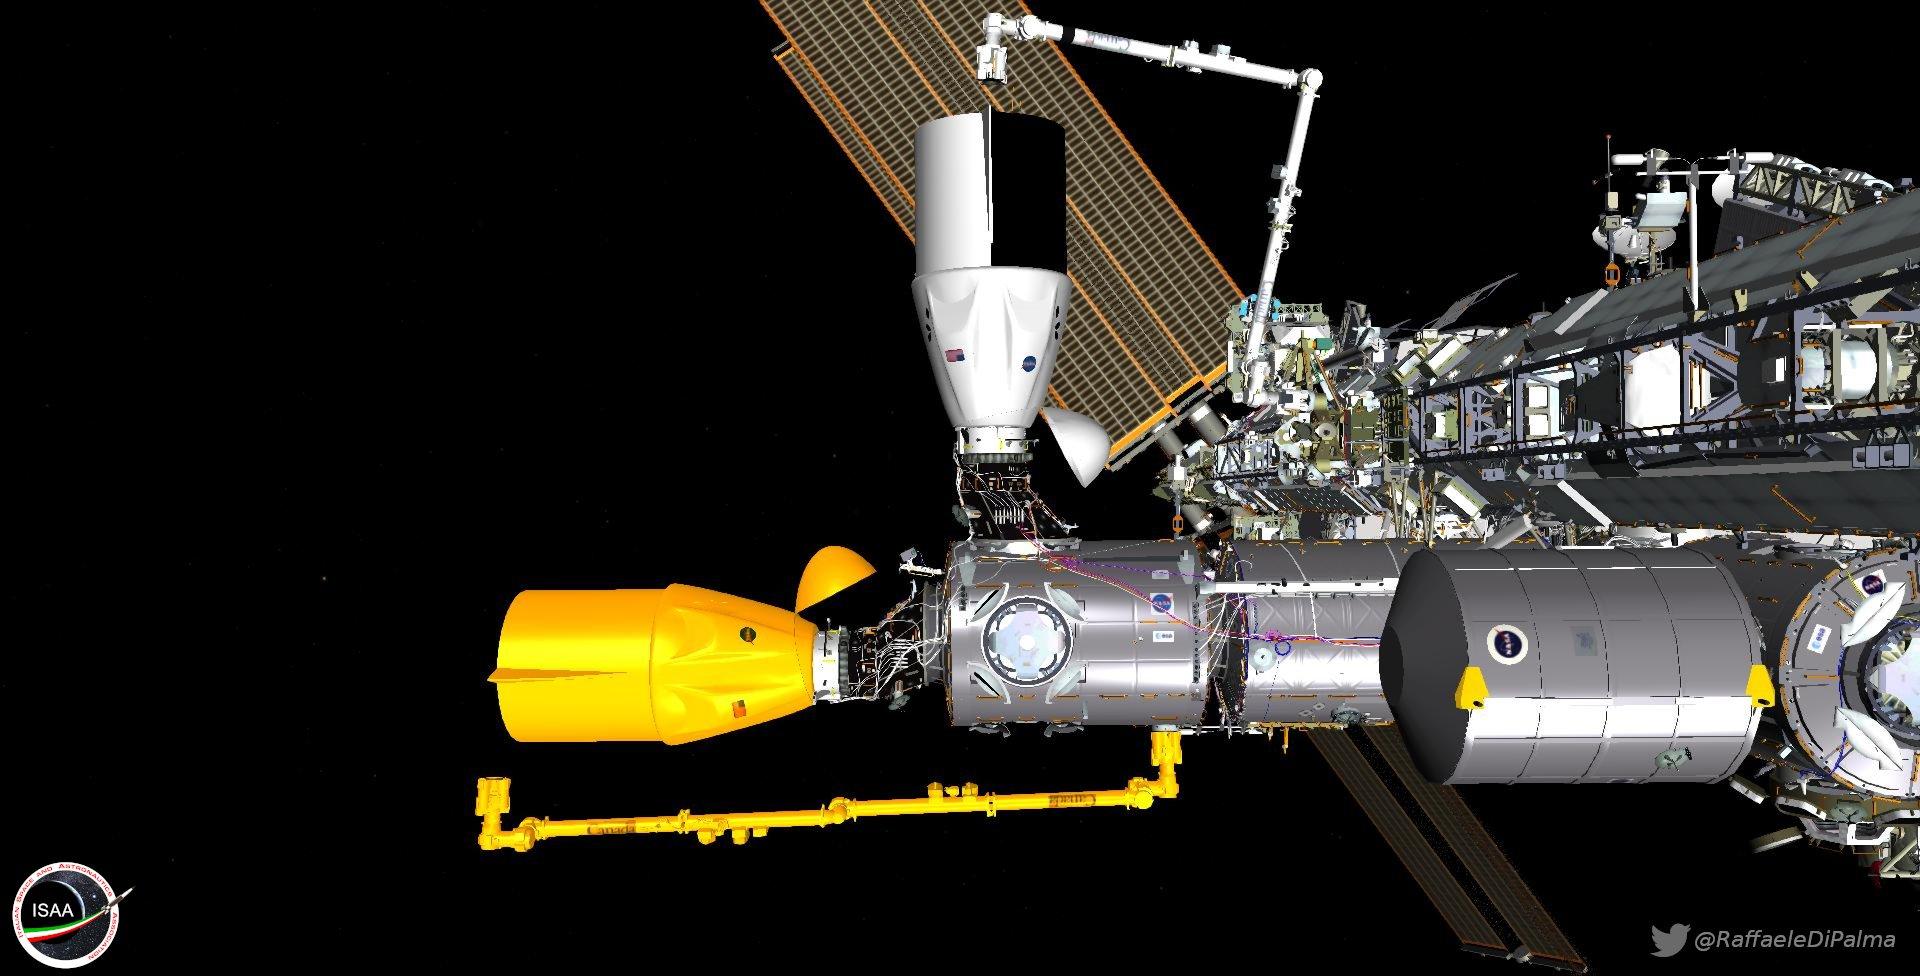 Immagine di Raffaele Di Palma che mostra la differente portata del Canadarm e l'impossibilità di raggiungere la stiva di una Dragon attraccata al PMA-2. Credits: NASA/ Raffaele Di Palma.